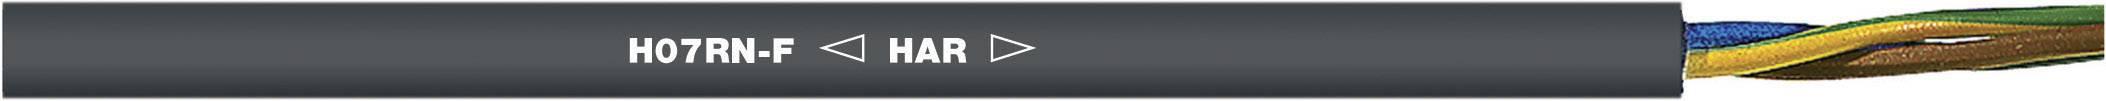 Připojovací kabel H07RN-F 2 x 6 mm² černá LappKabel 1600095/500 500 m